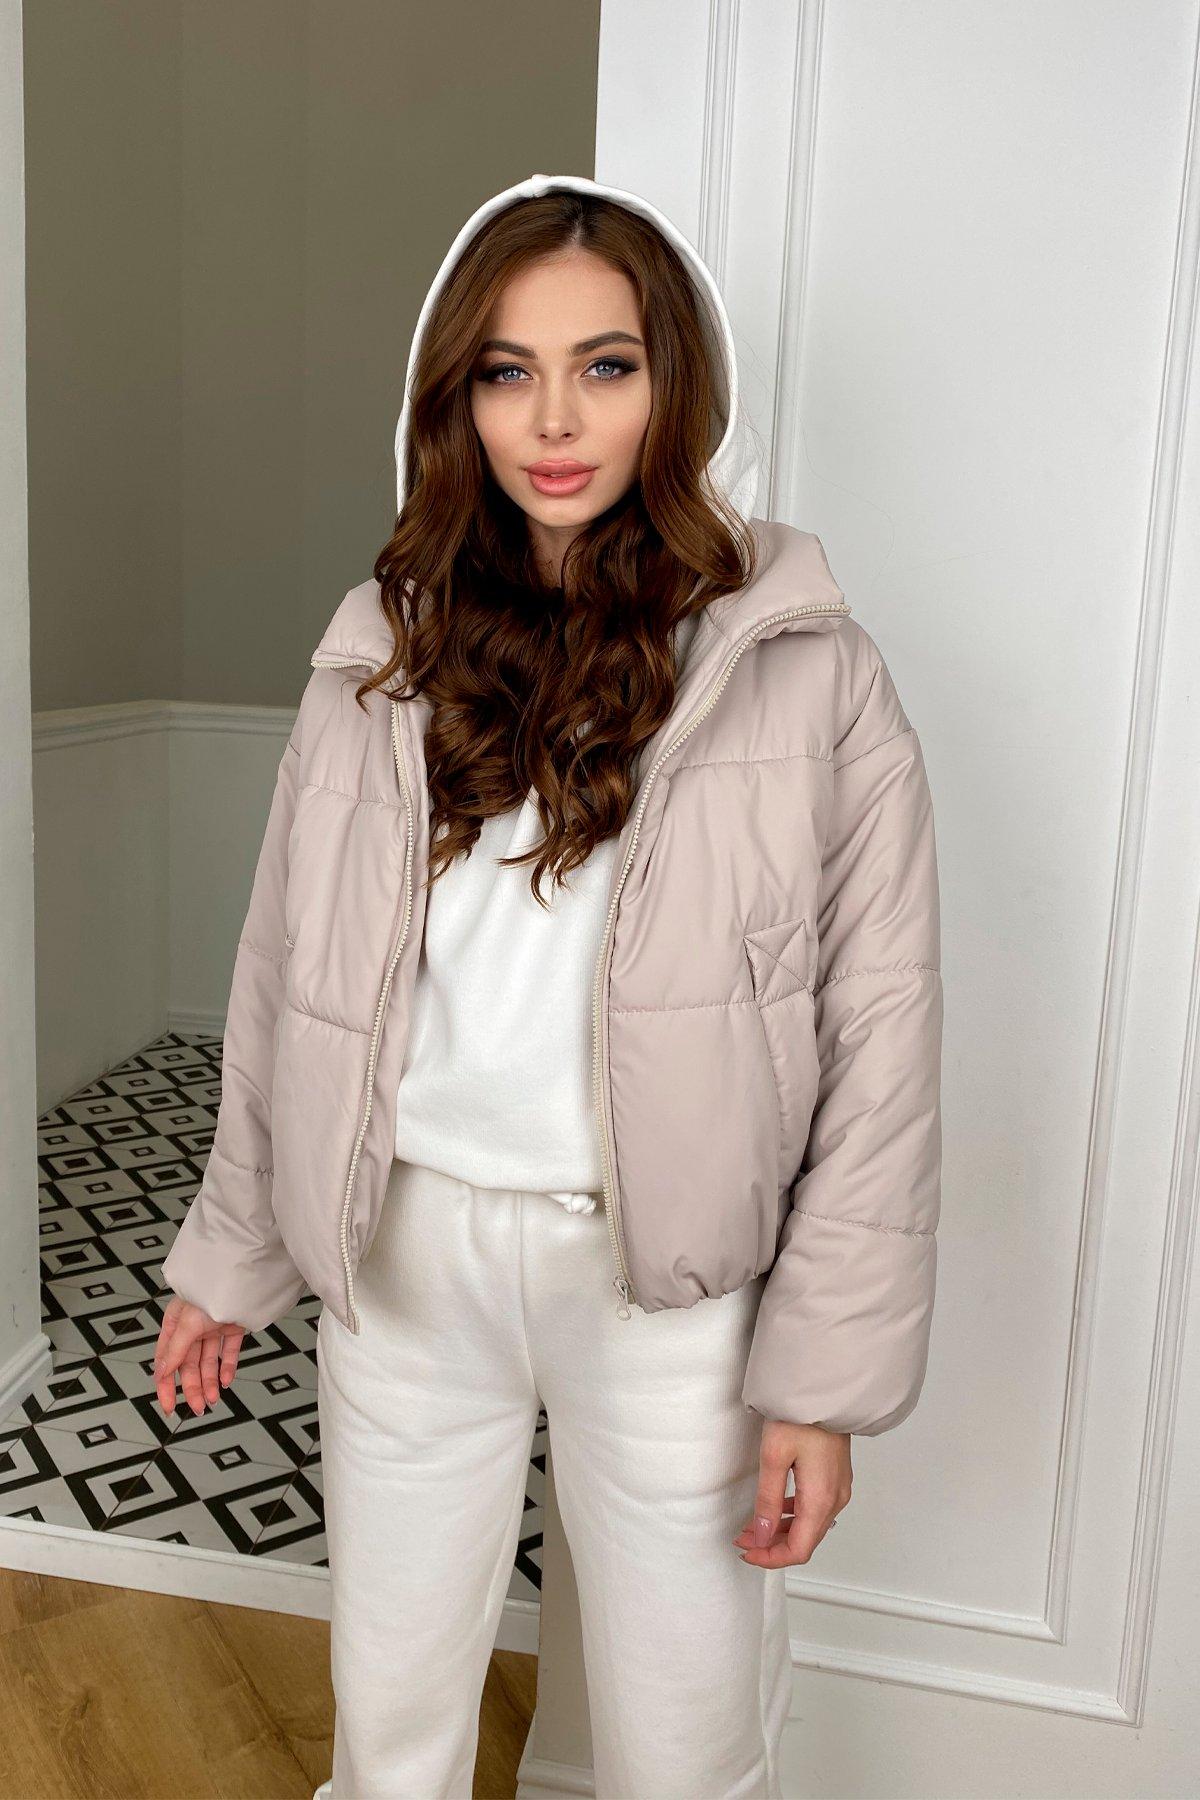 Драйв куртка из плащевой ткани 10448 АРТ. 46768 Цвет: Бежевый 511 - фото 1, интернет магазин tm-modus.ru